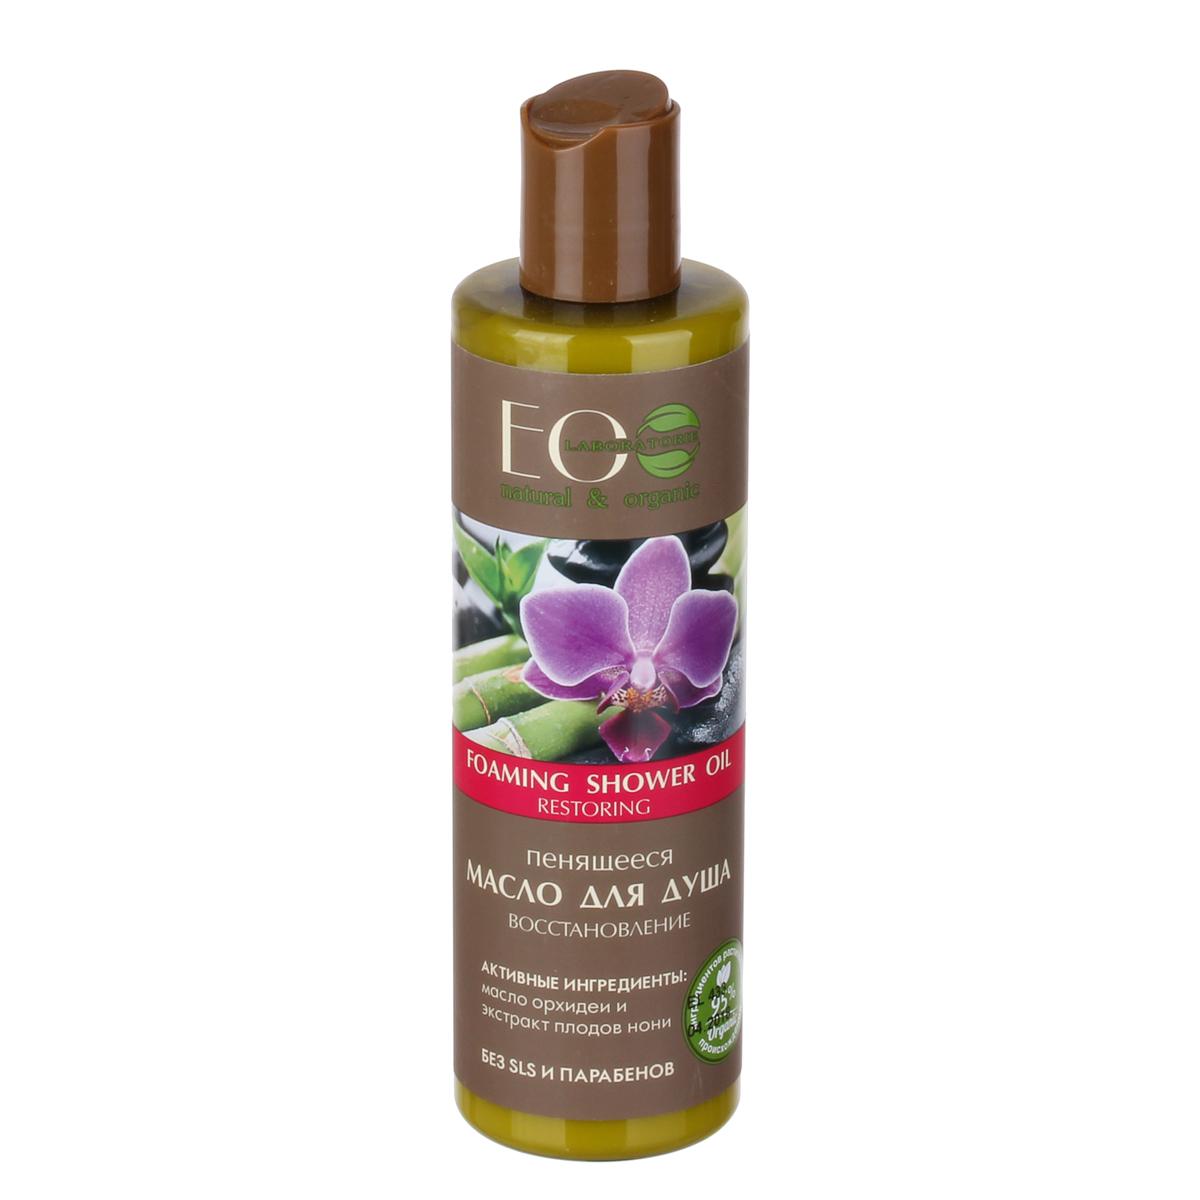 EO laboratorie Масло пенящееся для душа Восстановление 250 мл4627089430724Великолепно очищает, питает и увлажняет кожу. Оказывает питательное и тонизирующеее действие на клетки кожи, побуждая их к процессу регенерации. Активные ингредиенты: масло орхидеи и экстракт плодов нони